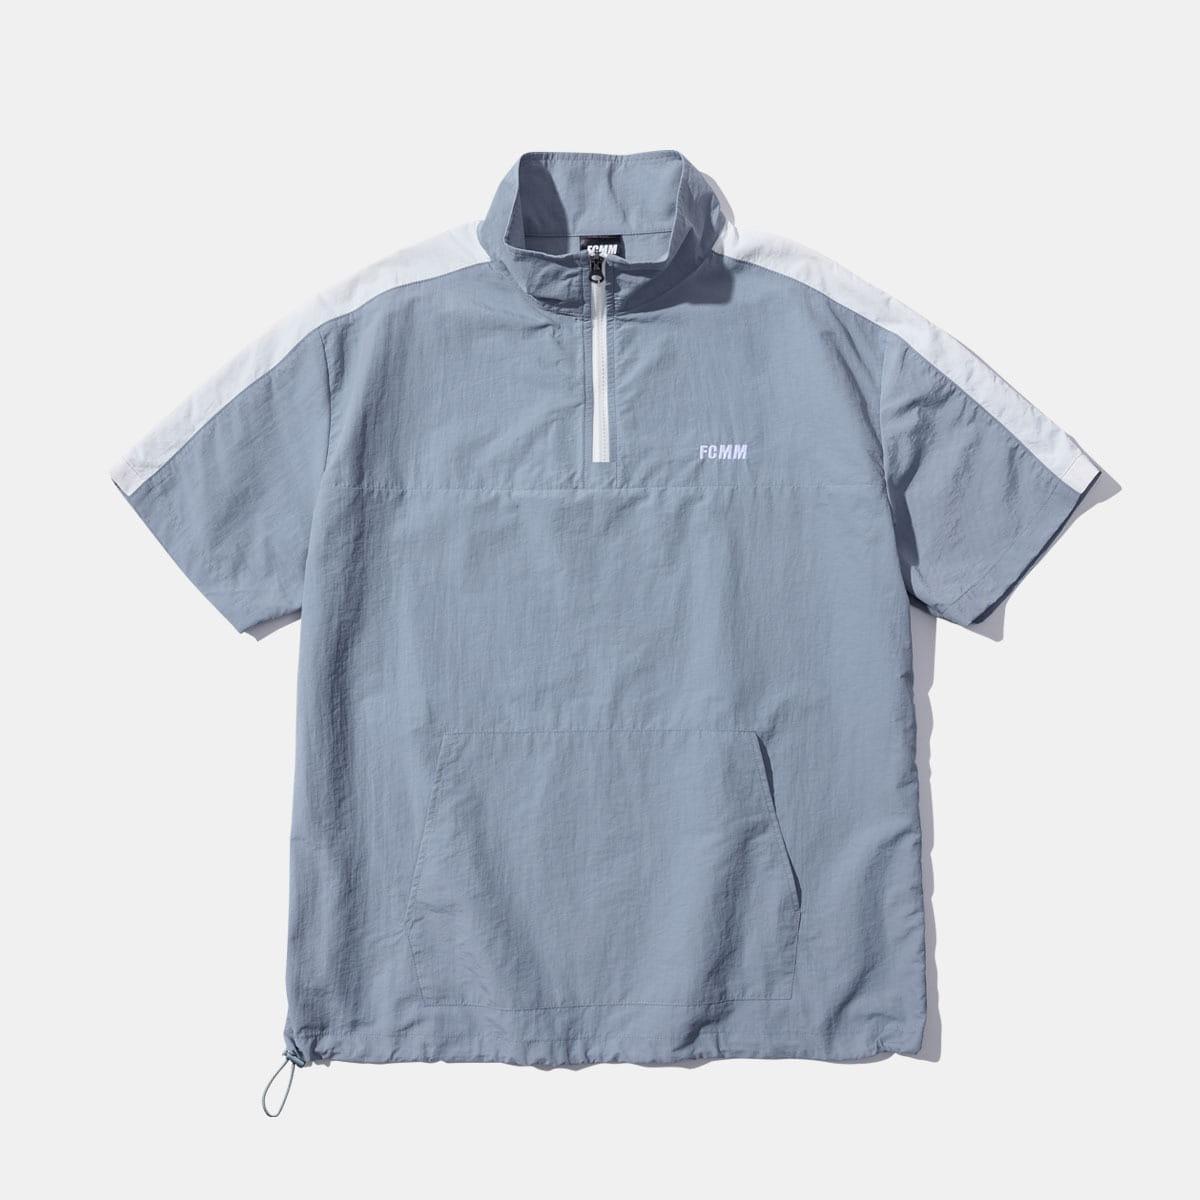 [10%할인+티셔츠 증정]쿨 레이 숏슬리브 하프집 윈드브레이커 - 쿨 그레이